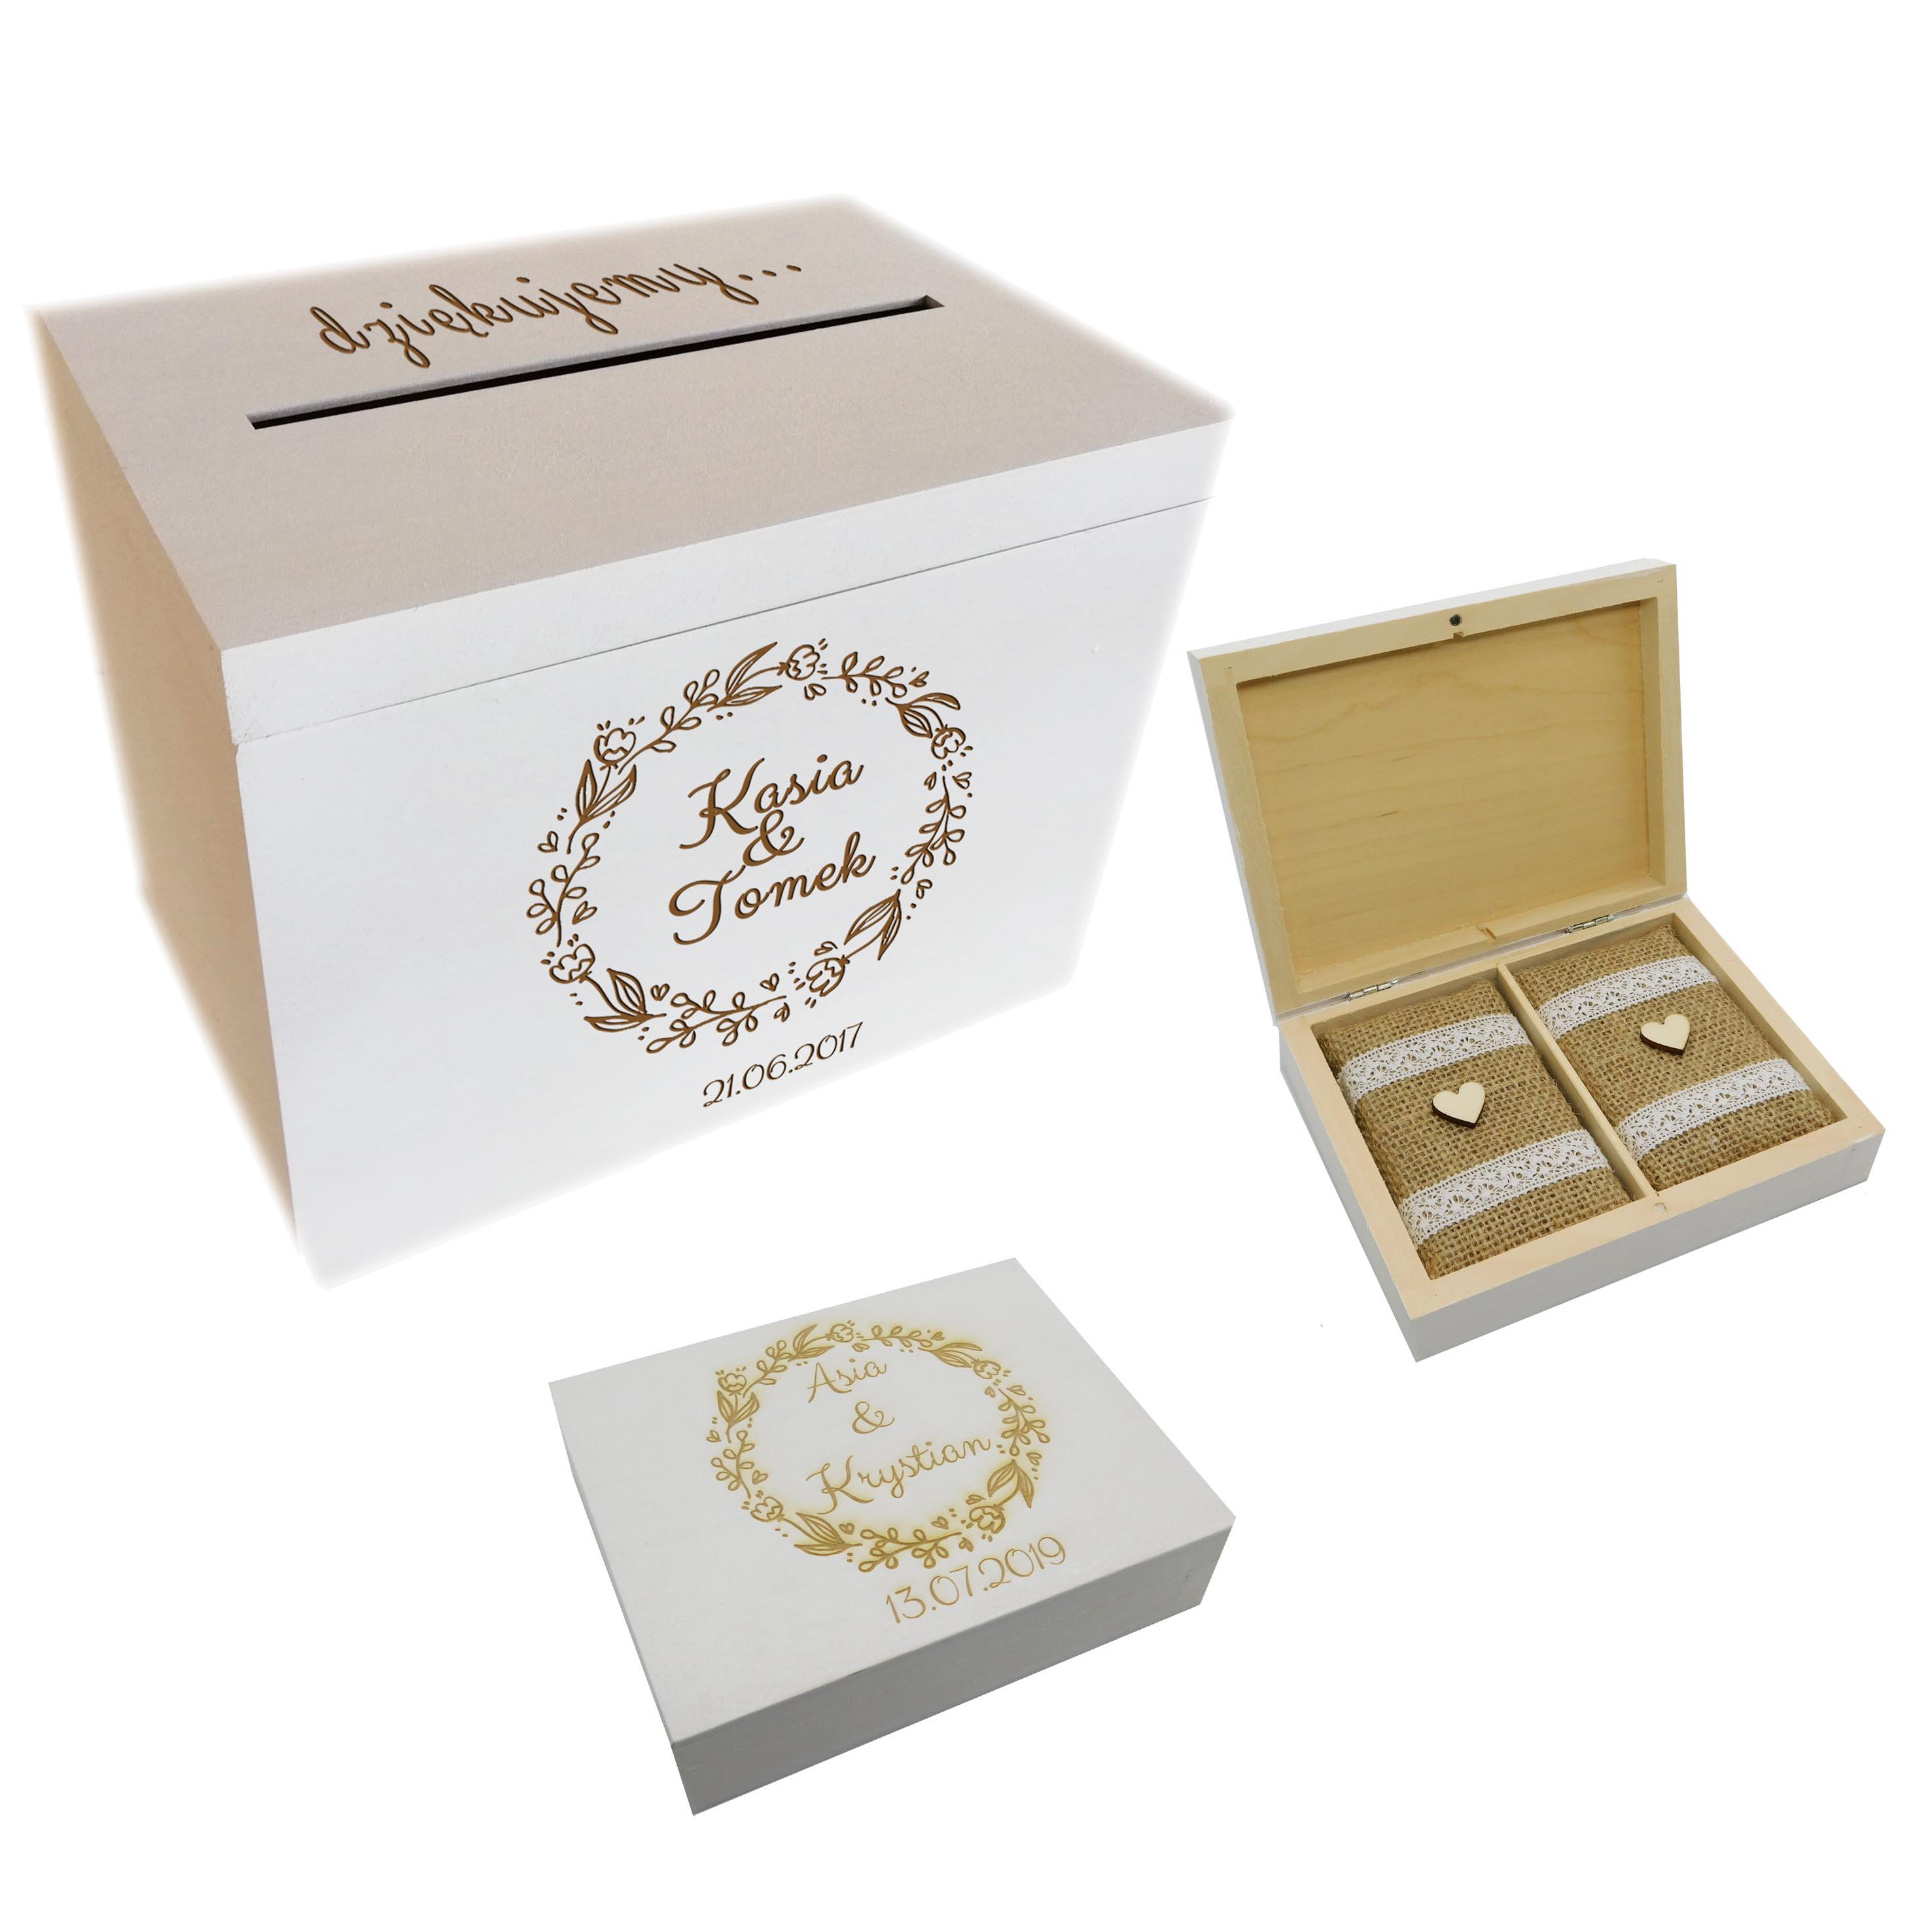 Biały komplet ślubny - skrzynia na koperty i szkatułka z wypełnieniem jutowym